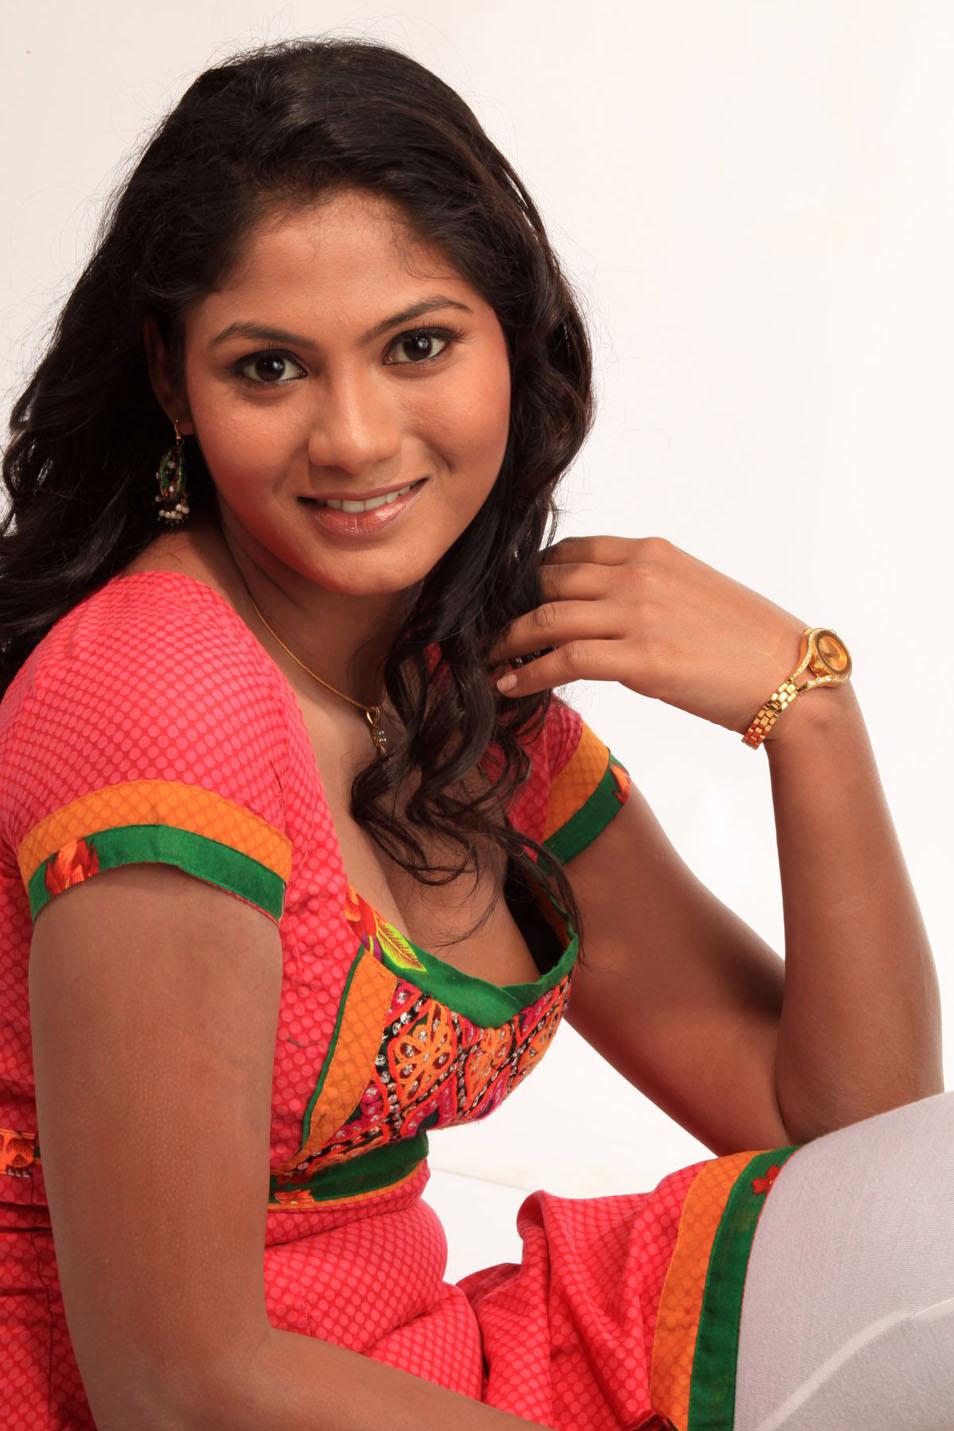 telugu spicy girl Shruthi Reddy in Churidar Photo Gallery